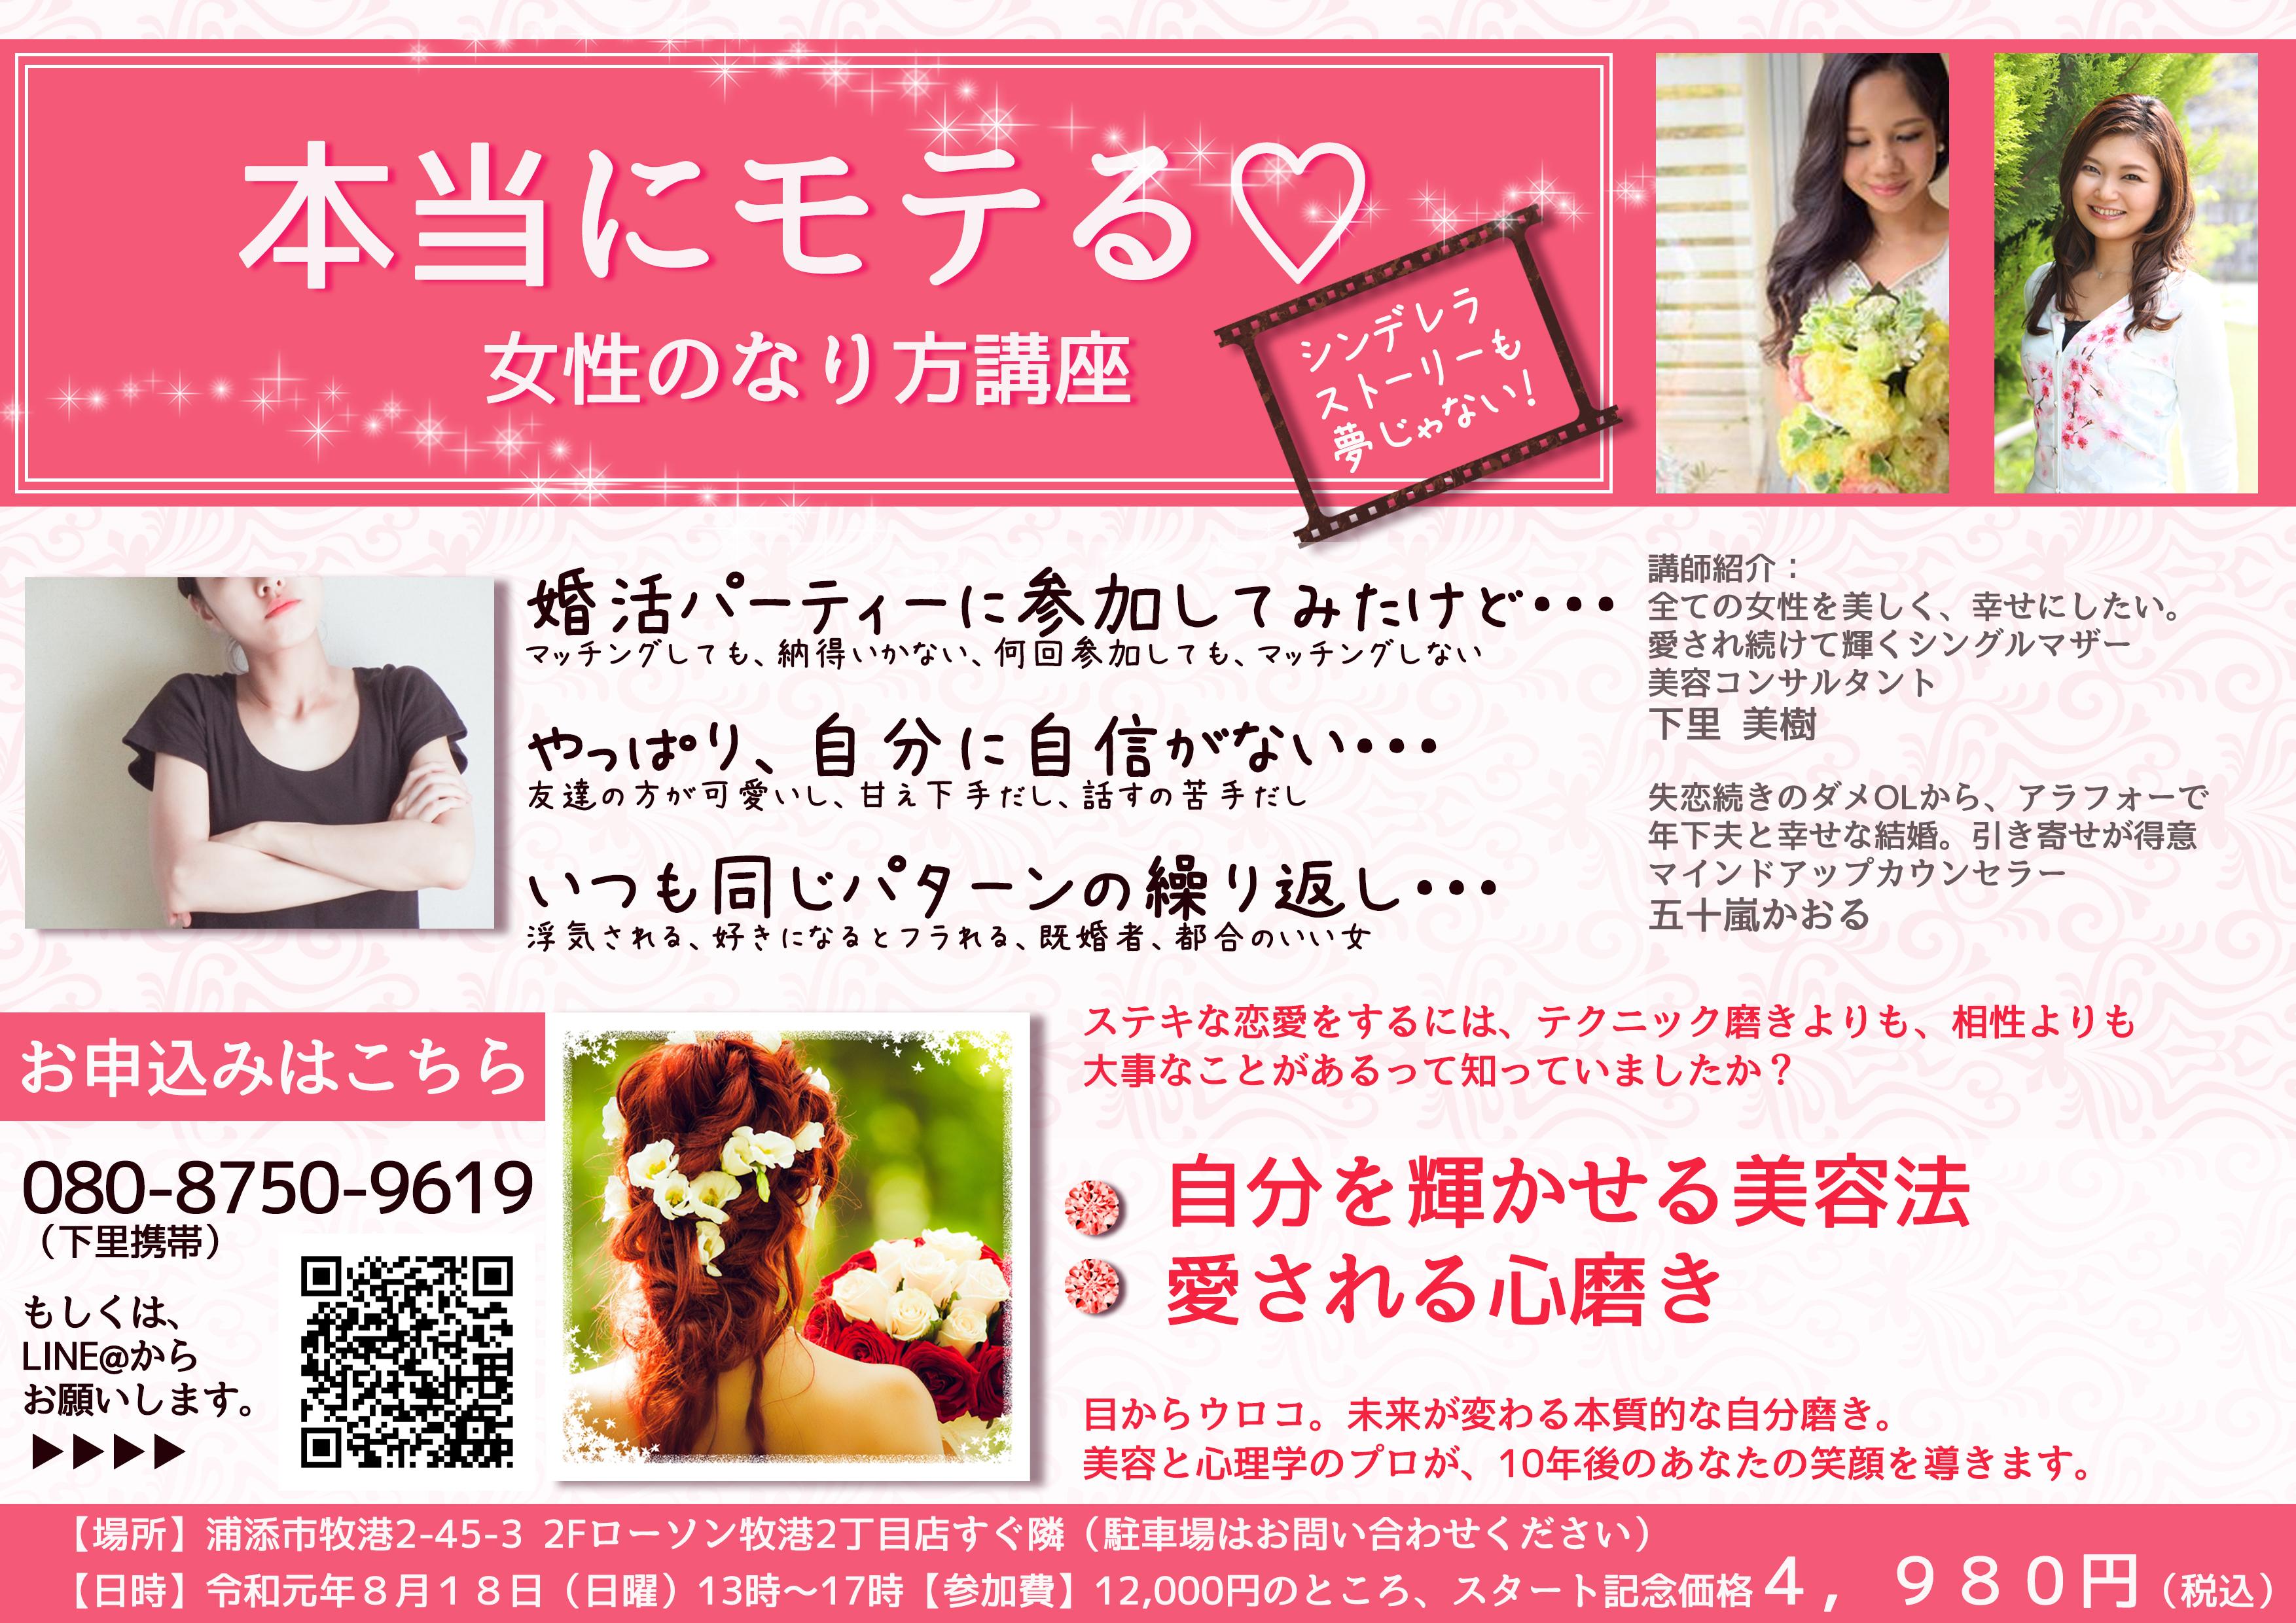 沖縄本島 恋愛講座 婚活 本当にモテる女性♡のなり方講座 引き寄せました♪